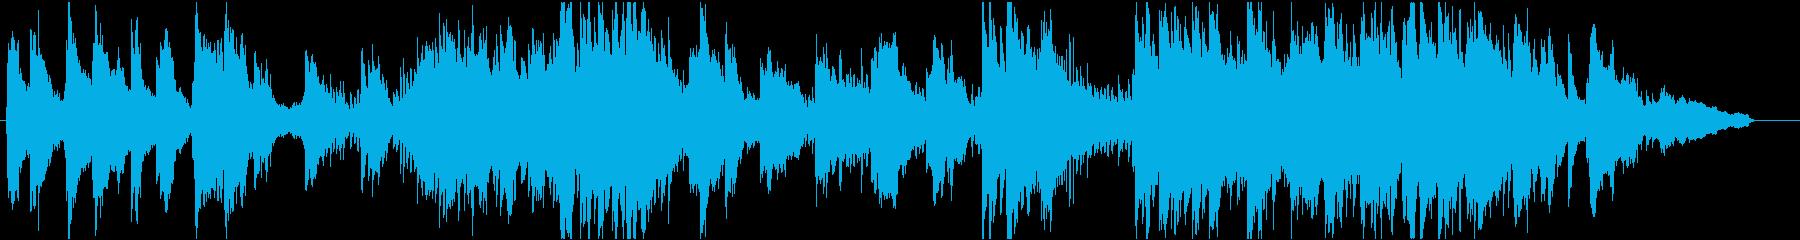 ほのぼのとしたヒーリング系ピアノBGMの再生済みの波形